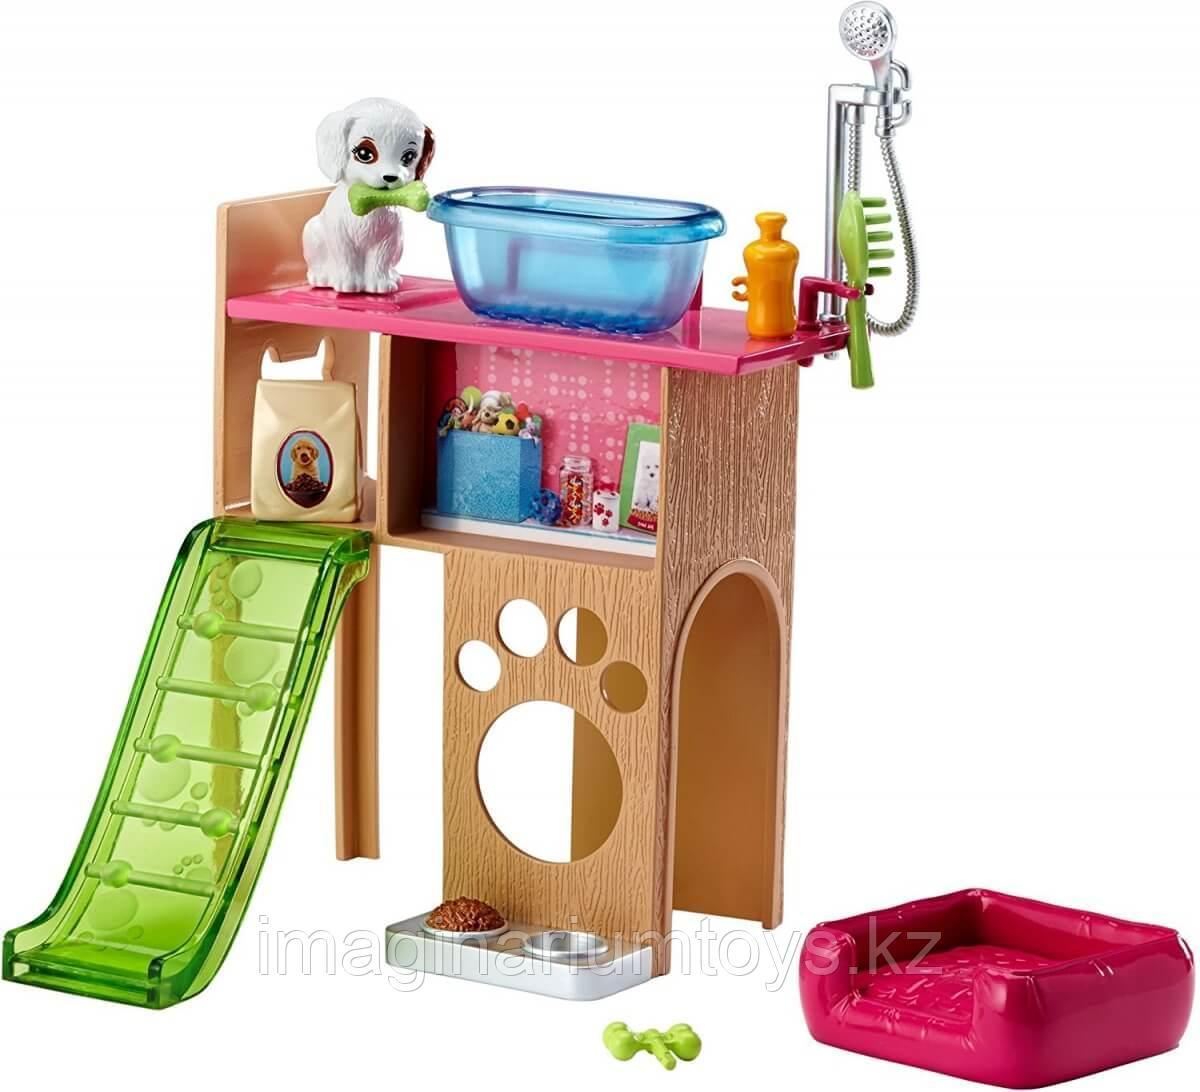 Игровой набор Barbie Барби Уголок домашнего питомца